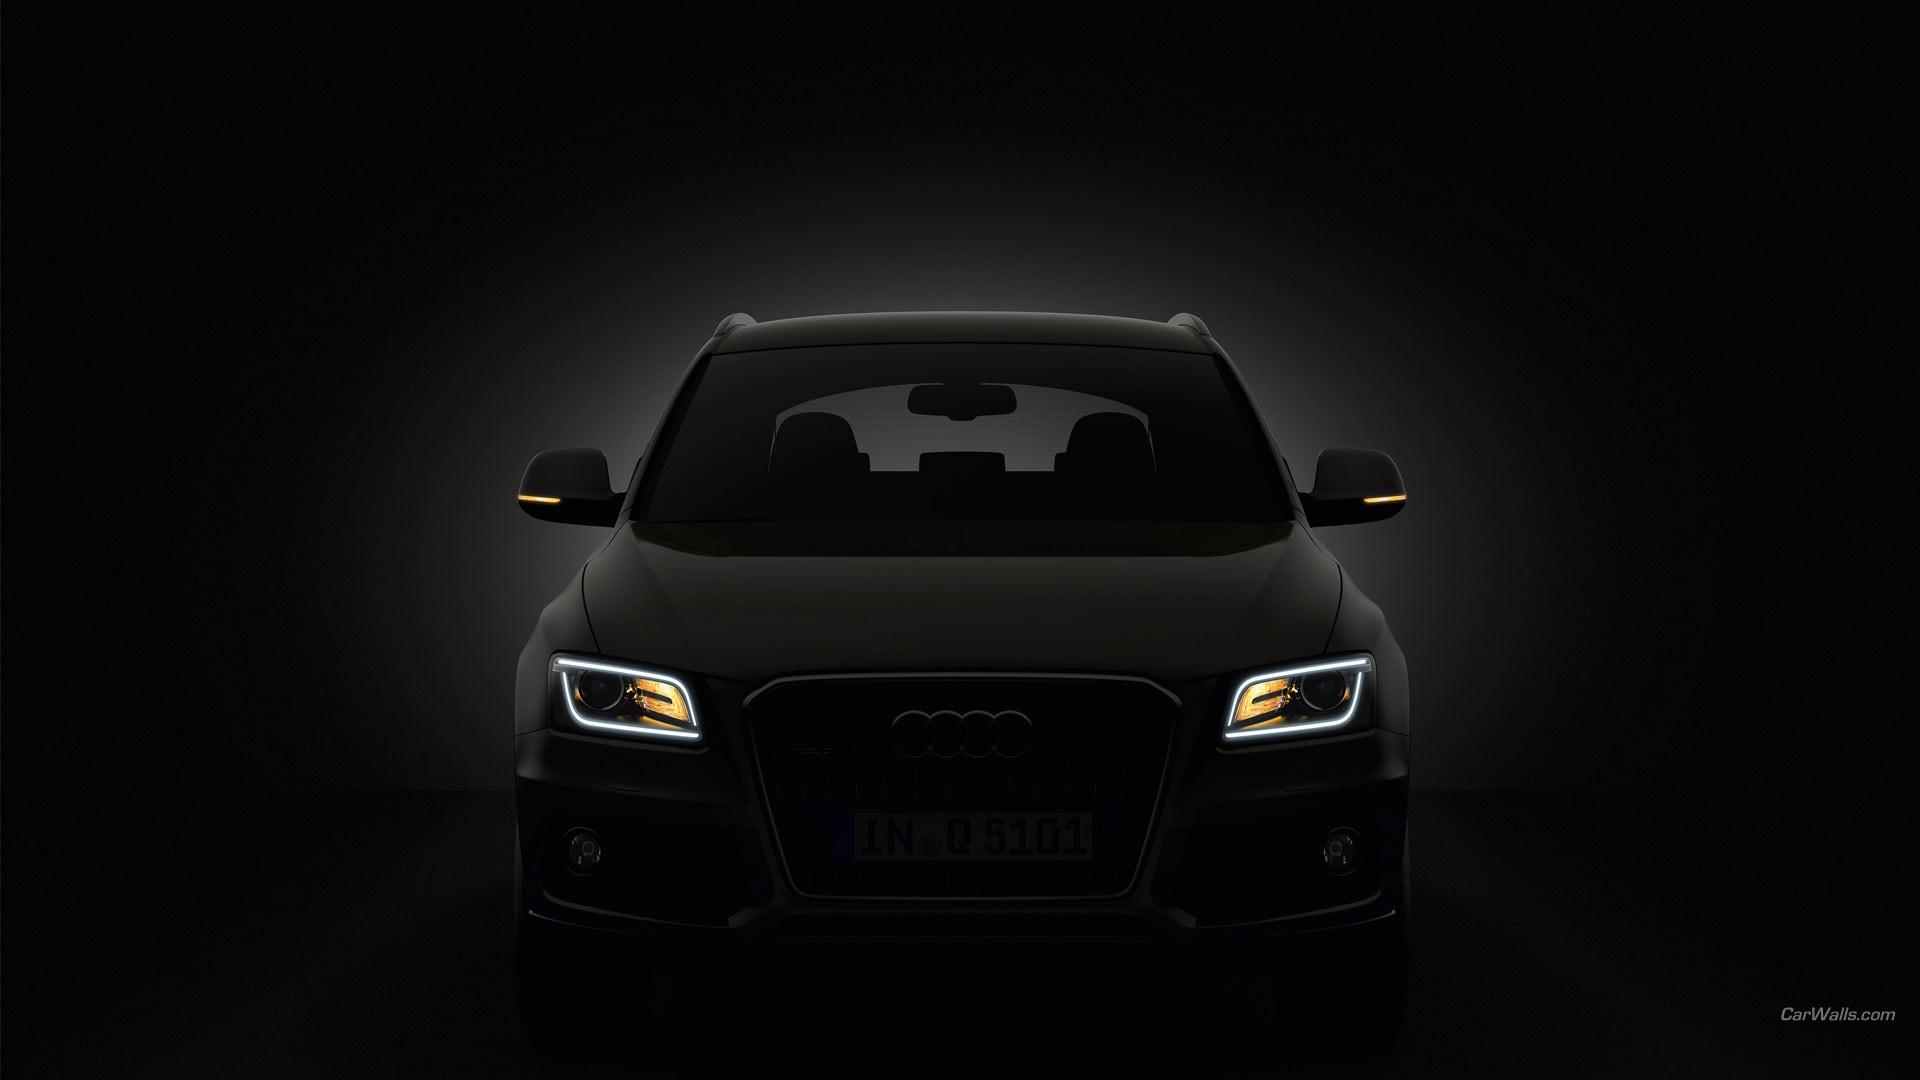 Fondos De Pantalla Vehículo Audi Q5 Coche Deportivo